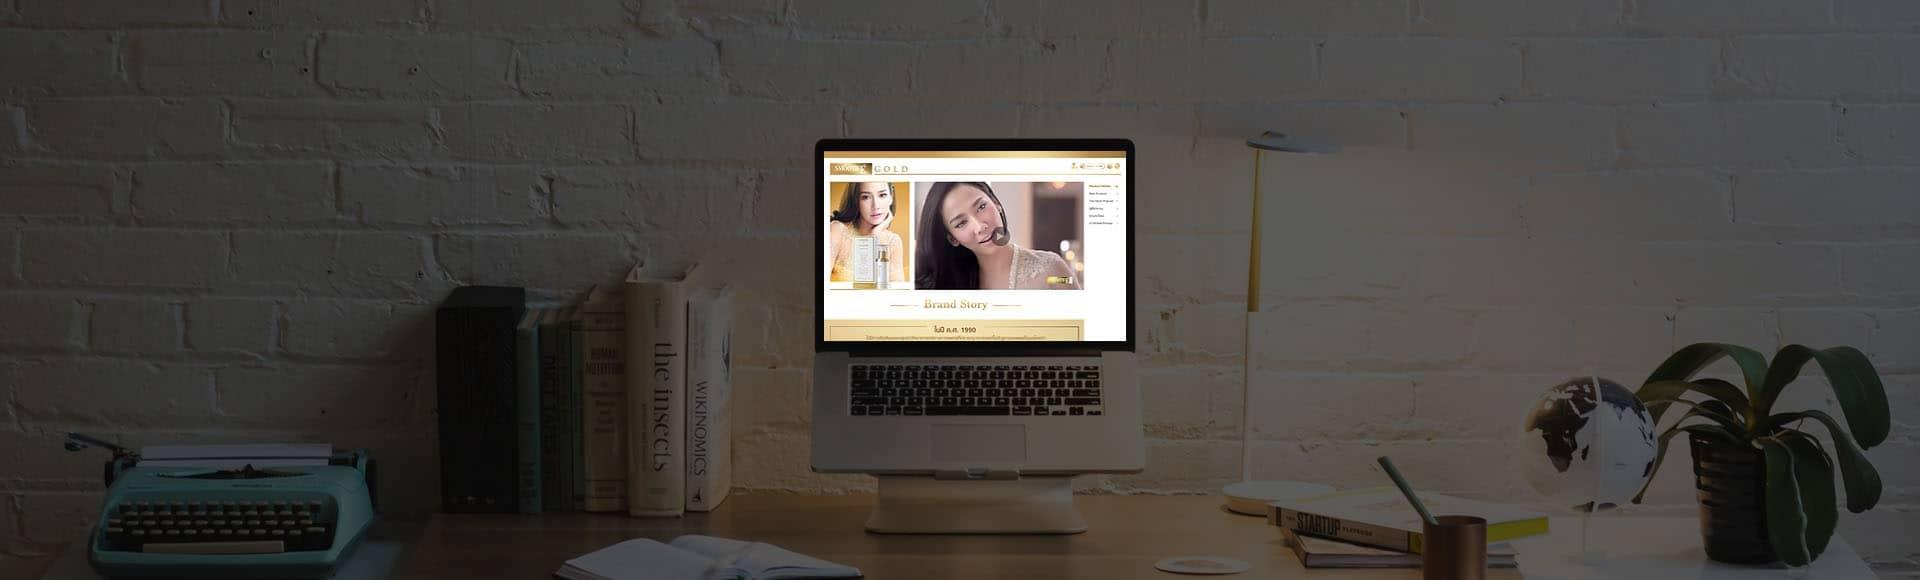 เว็บไซต์ Smooth E Gold | บริการรับทำเว็บไซต์ ออกแบบเว็บไซต์